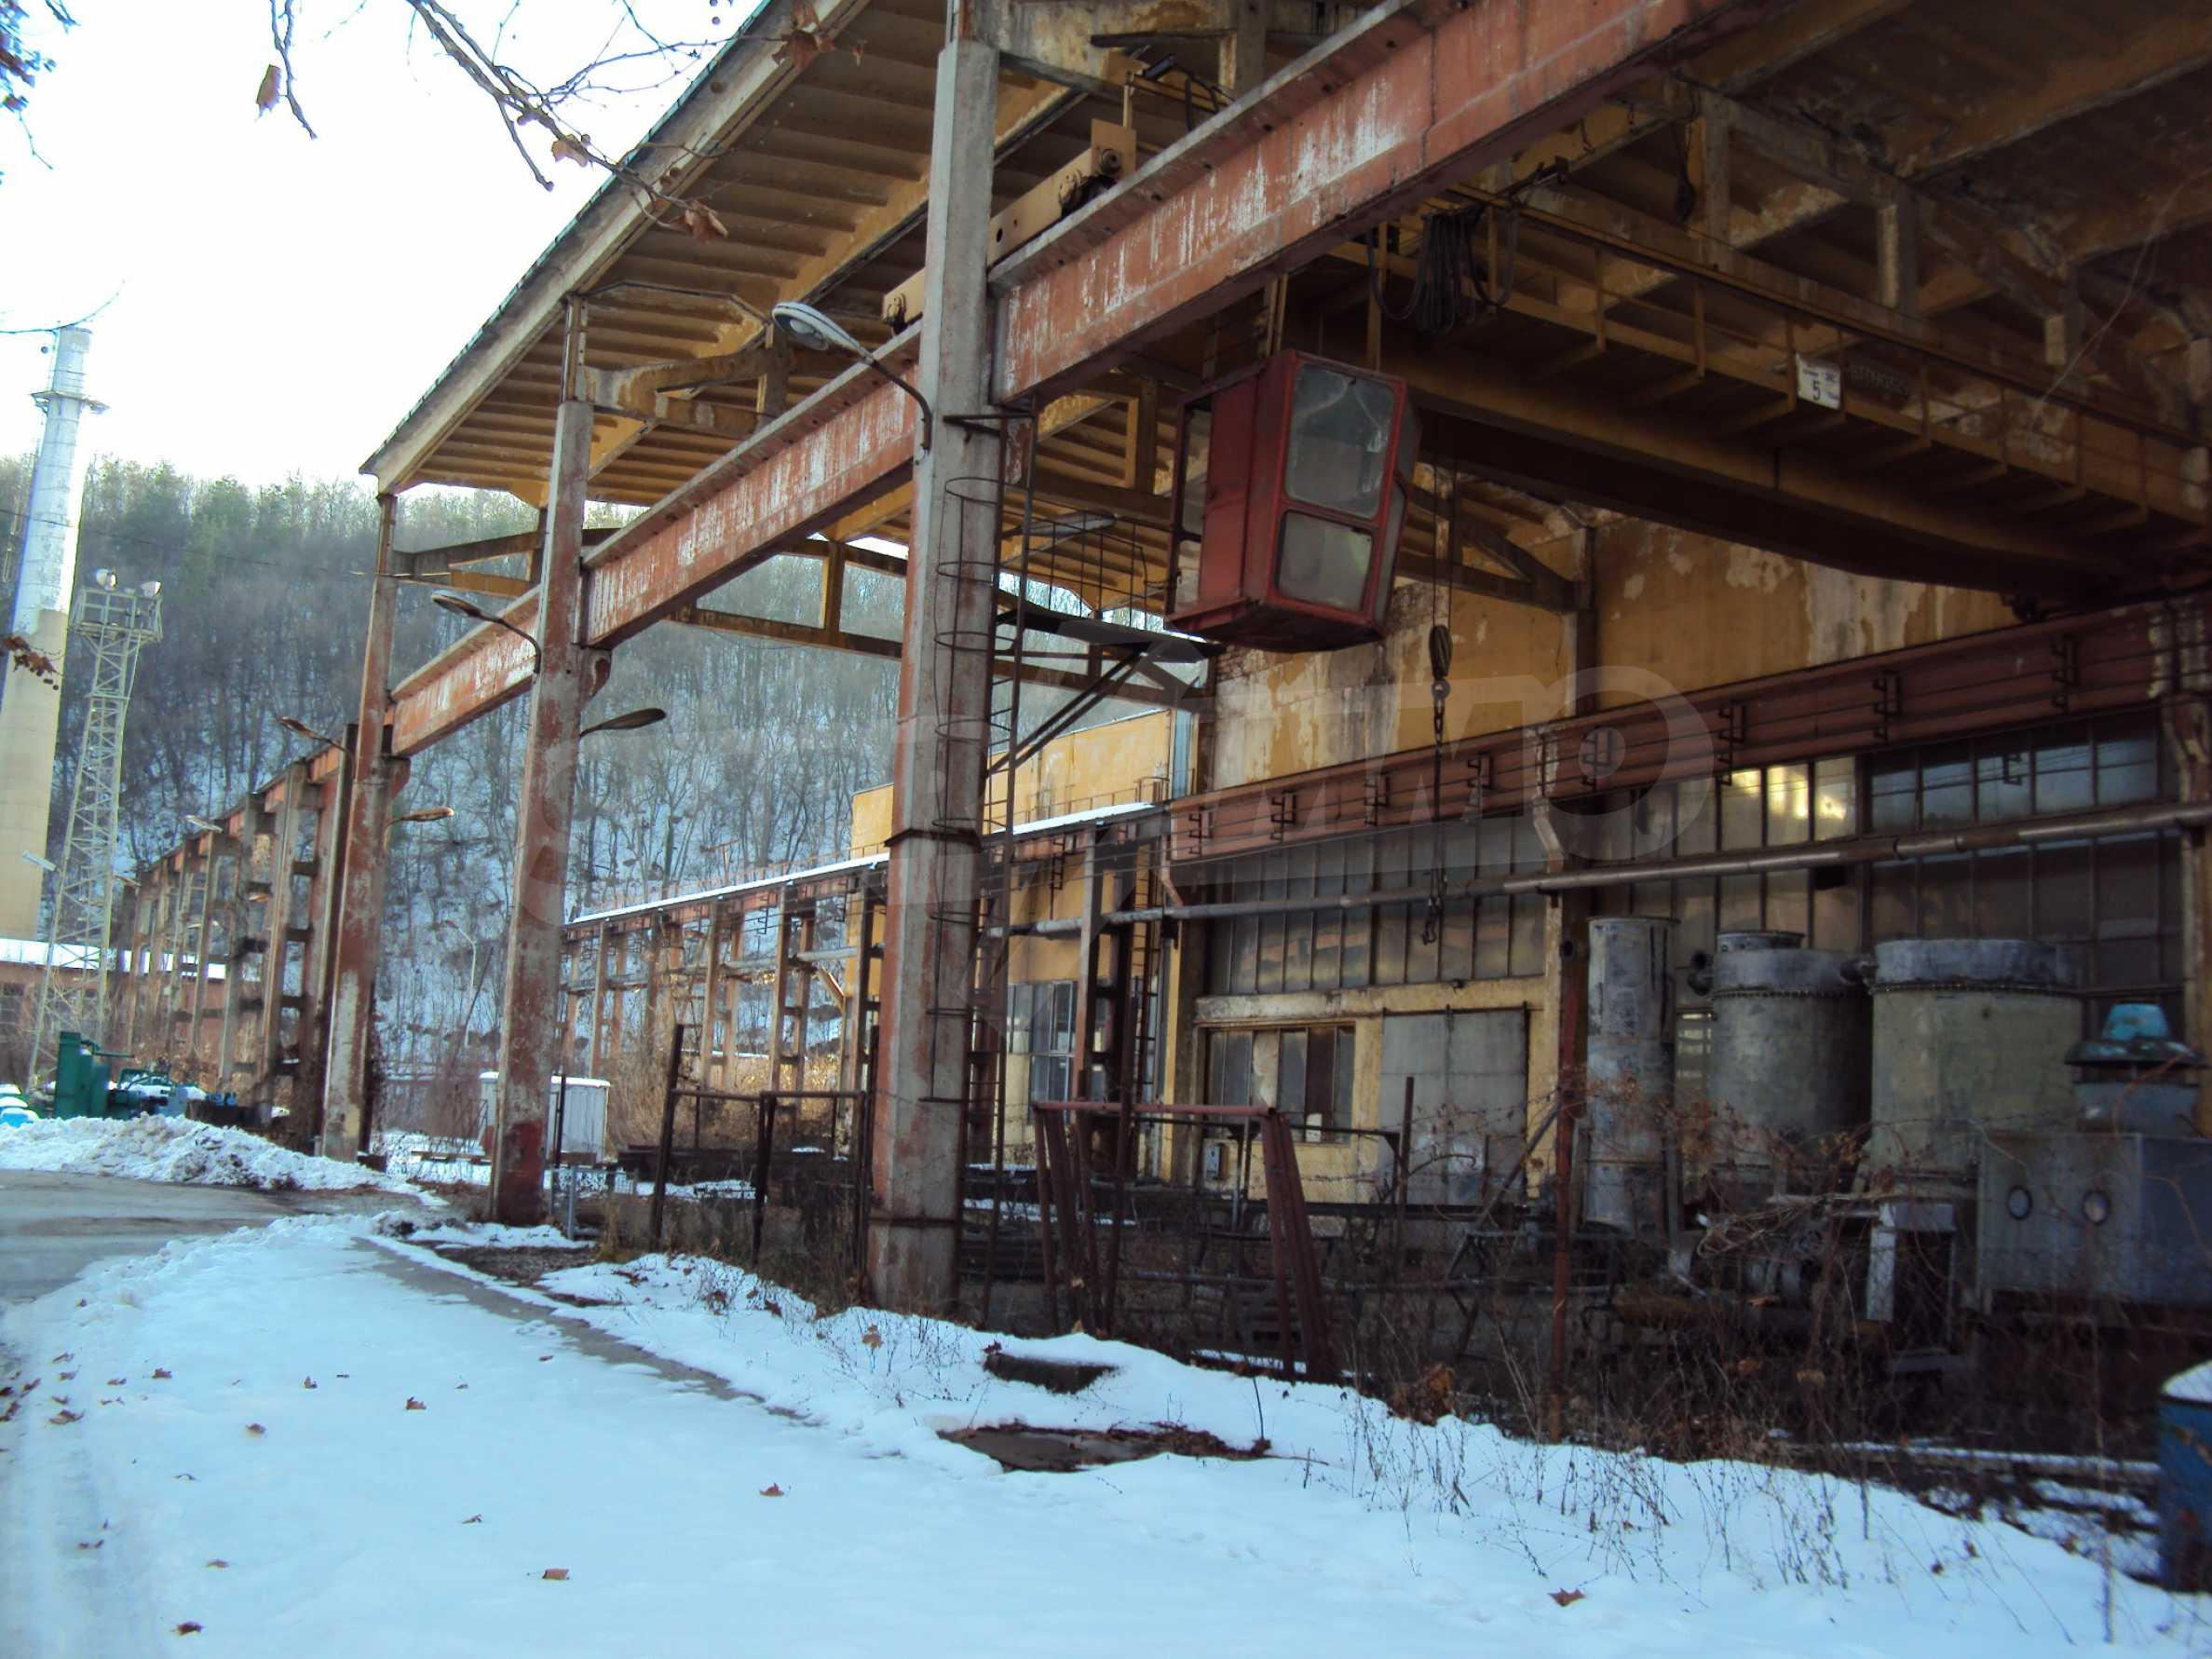 Factory for metal parts in Veliko Tarnovo 69